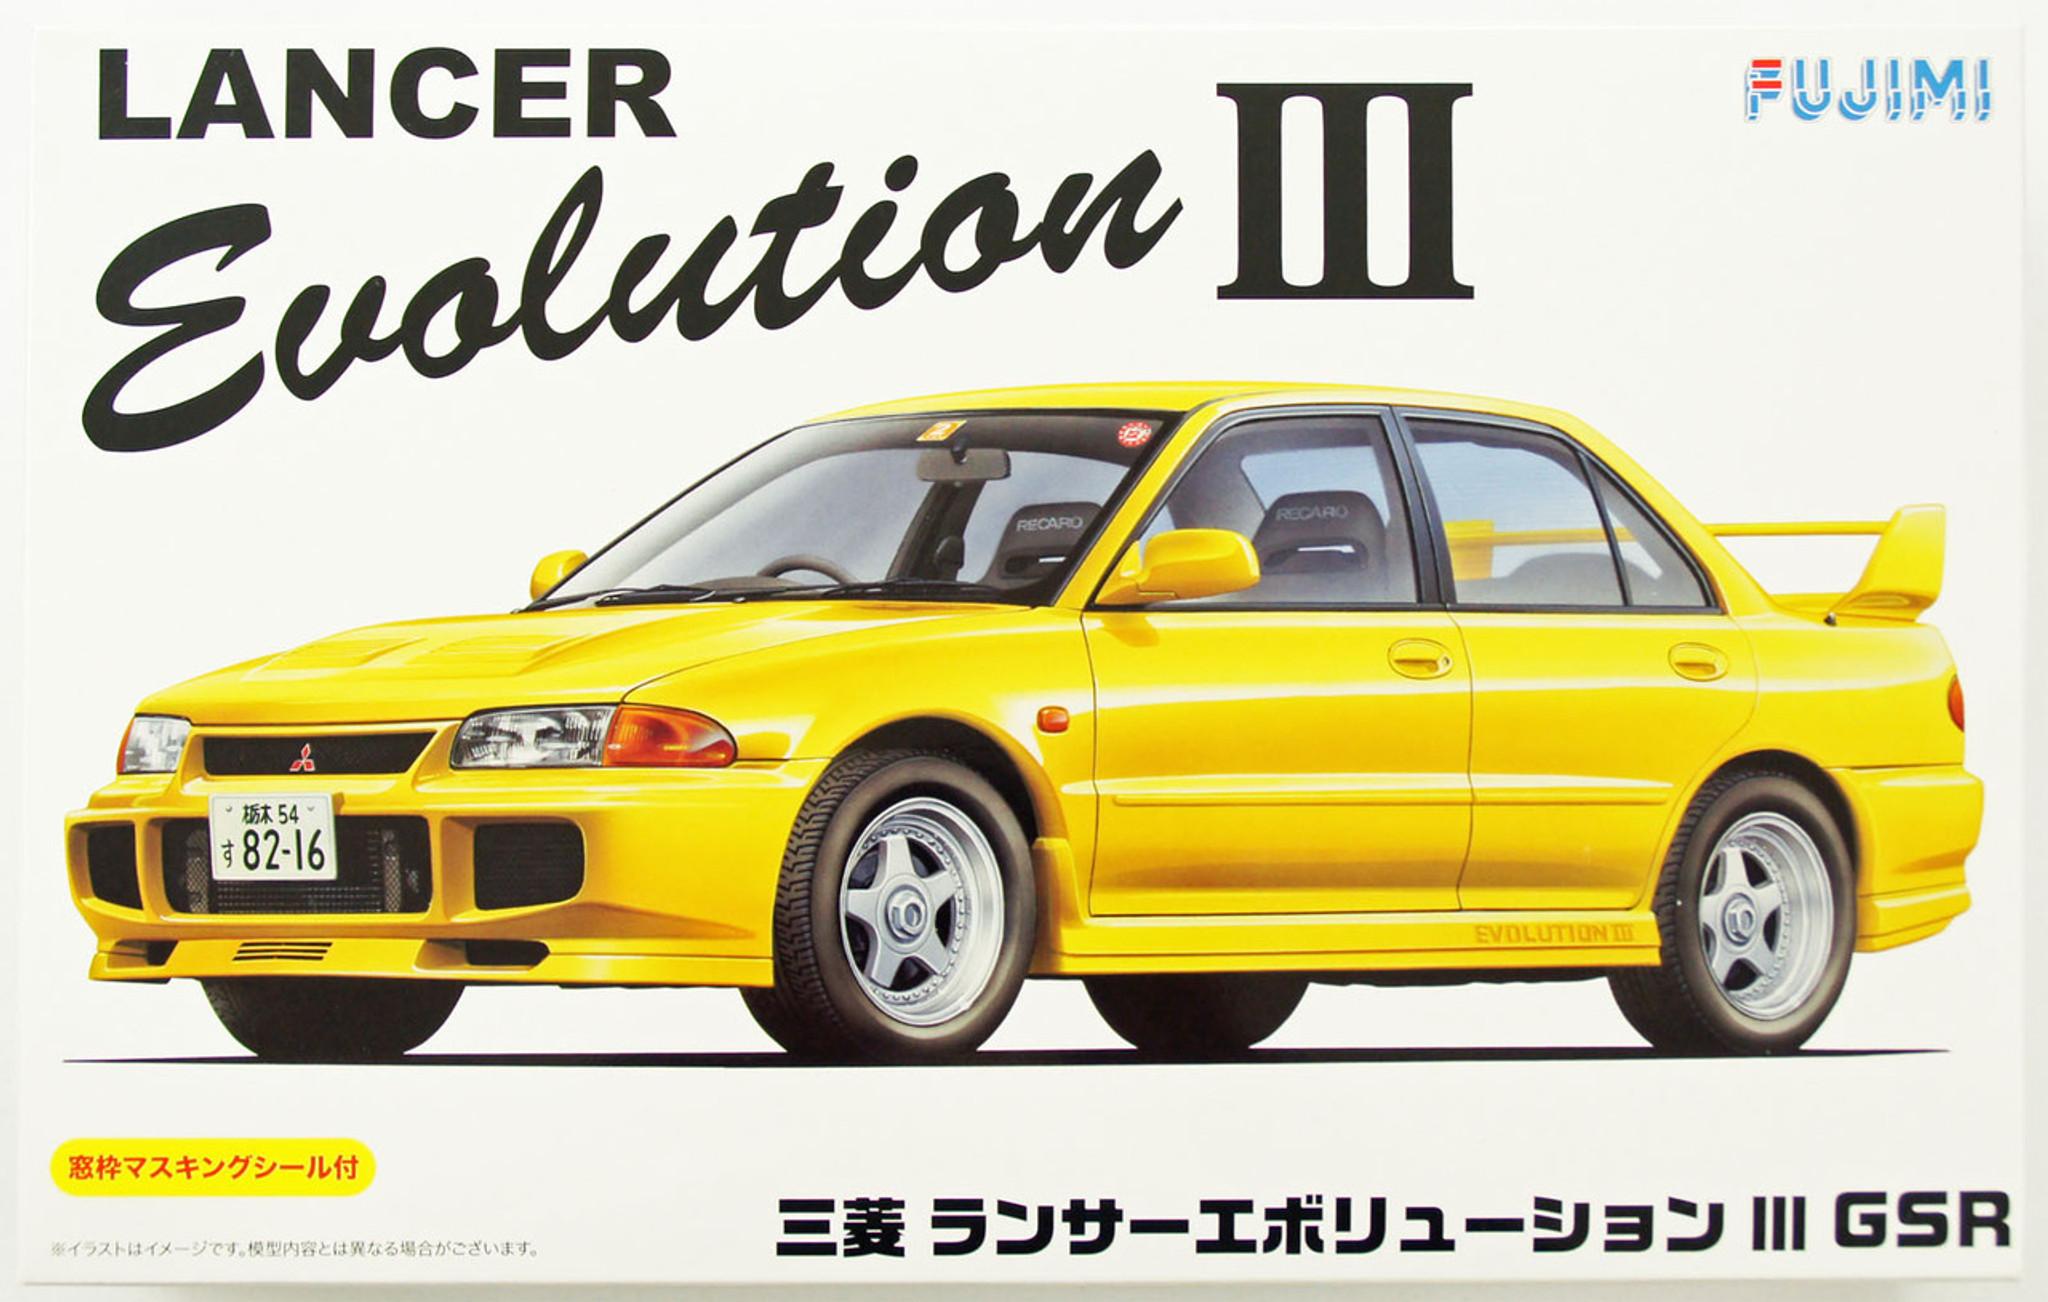 Image result for Fujimi lancer evolution 3